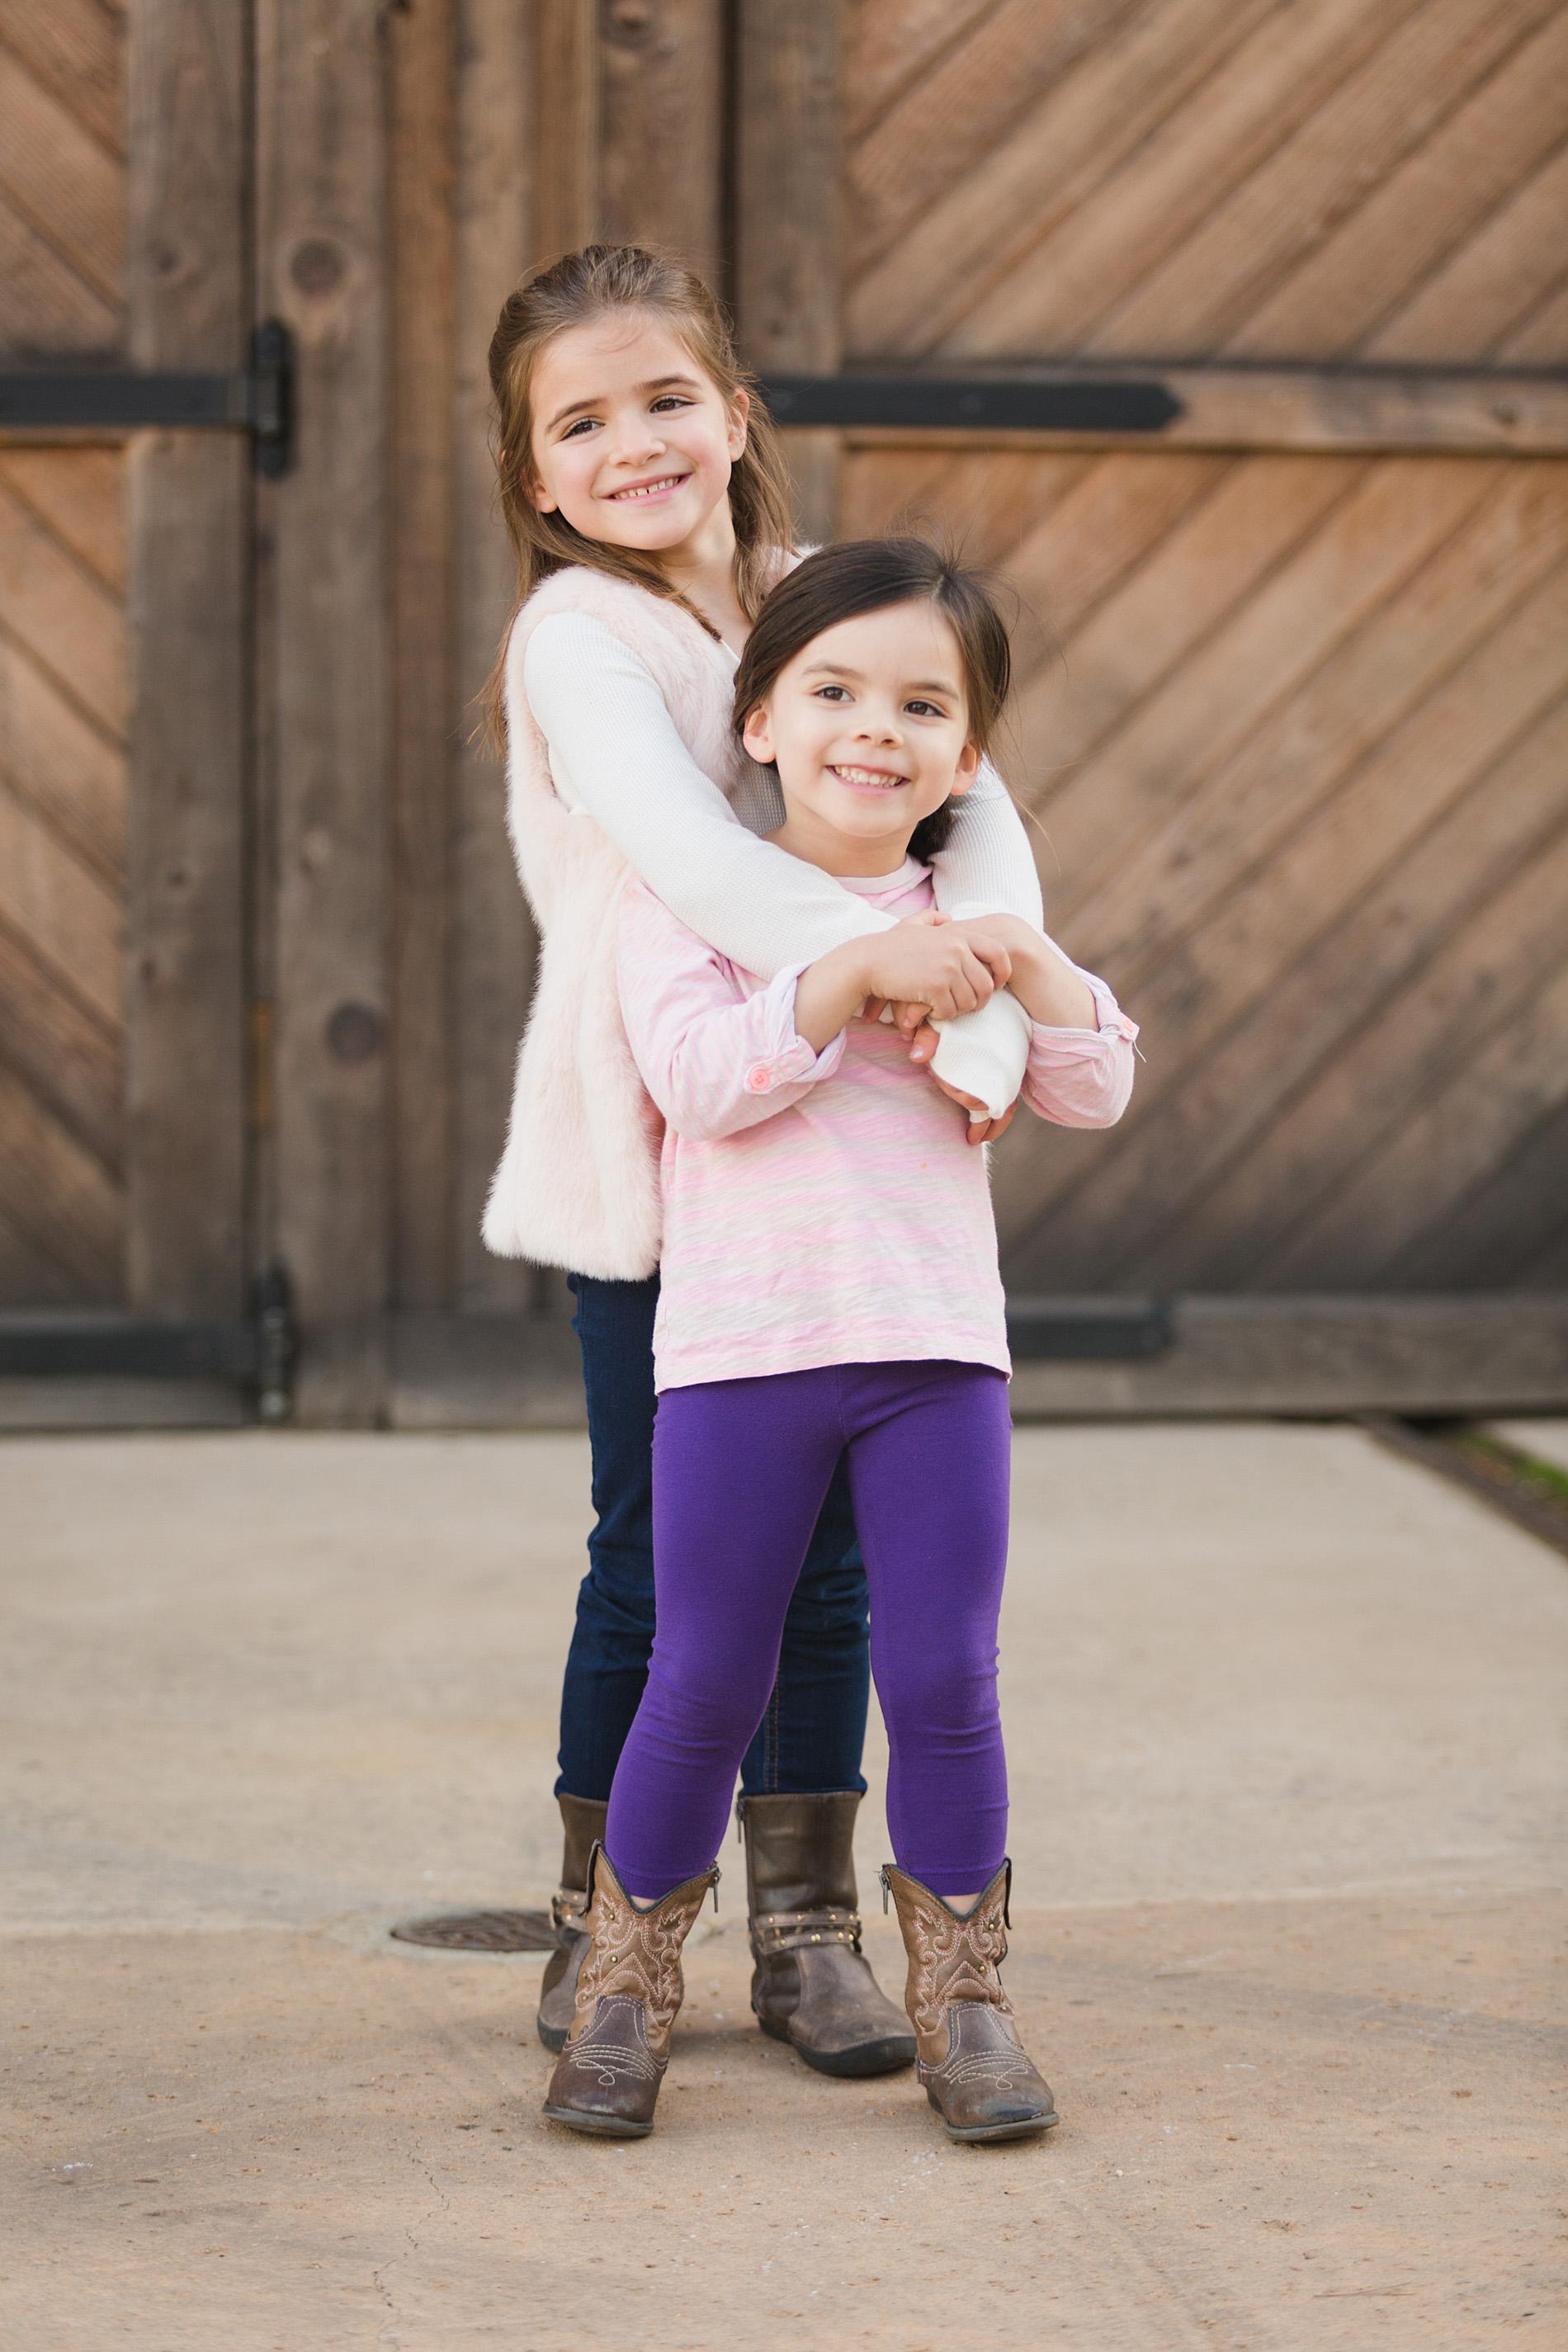 San Diego Family Photographer Christine Dammann Photography RF63